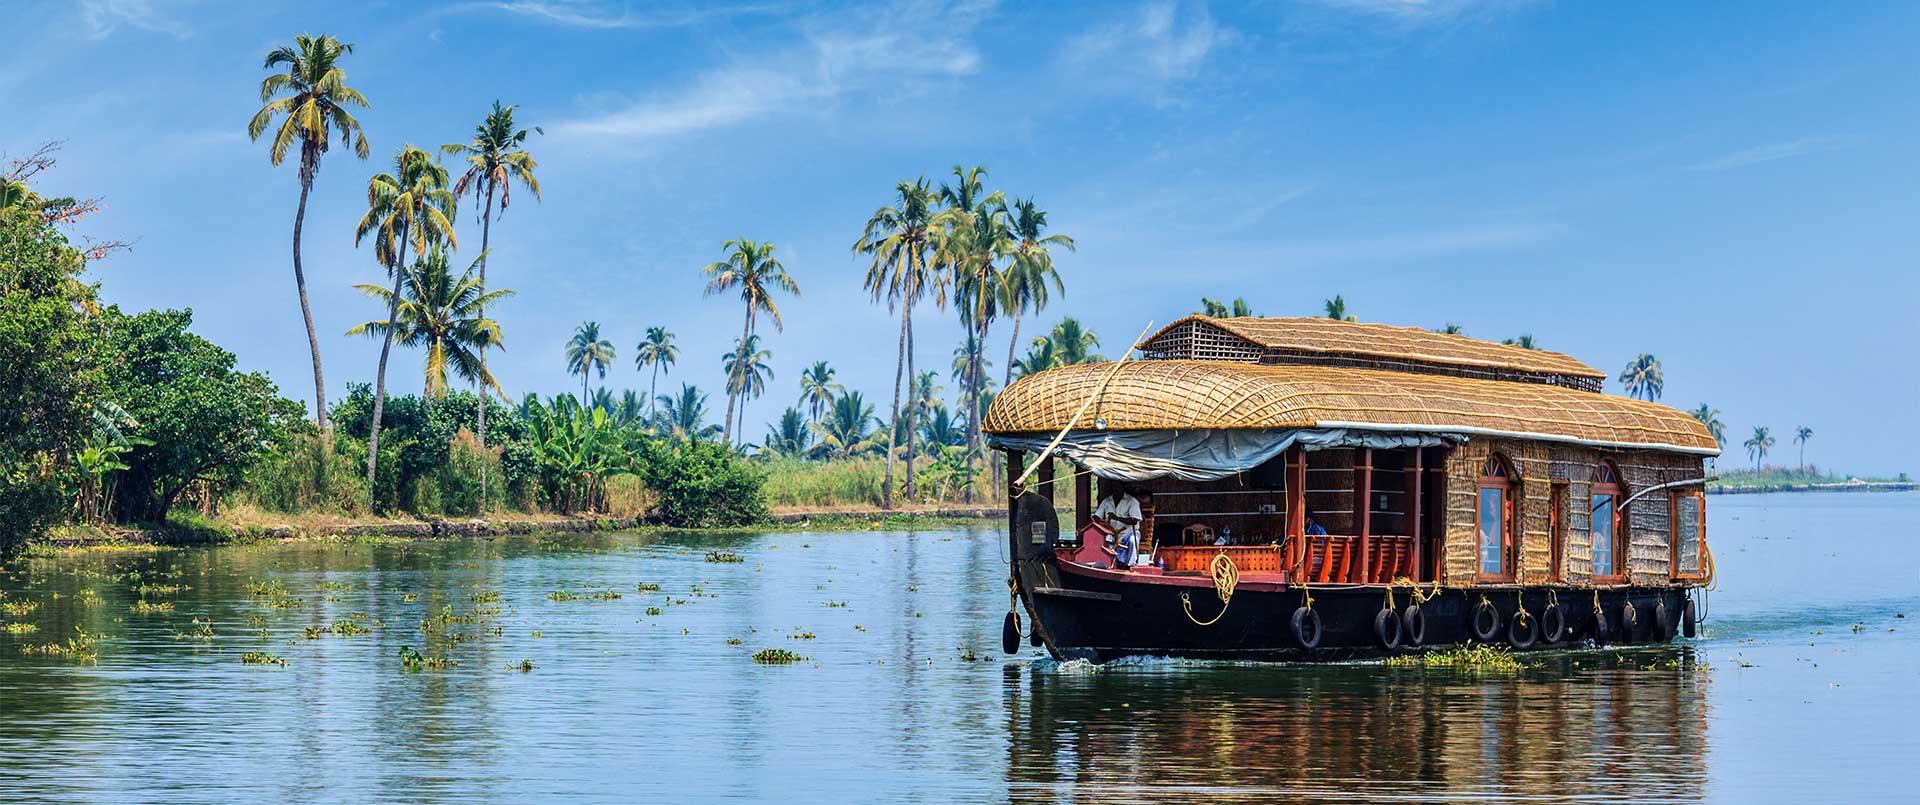 Kerala Tour Company